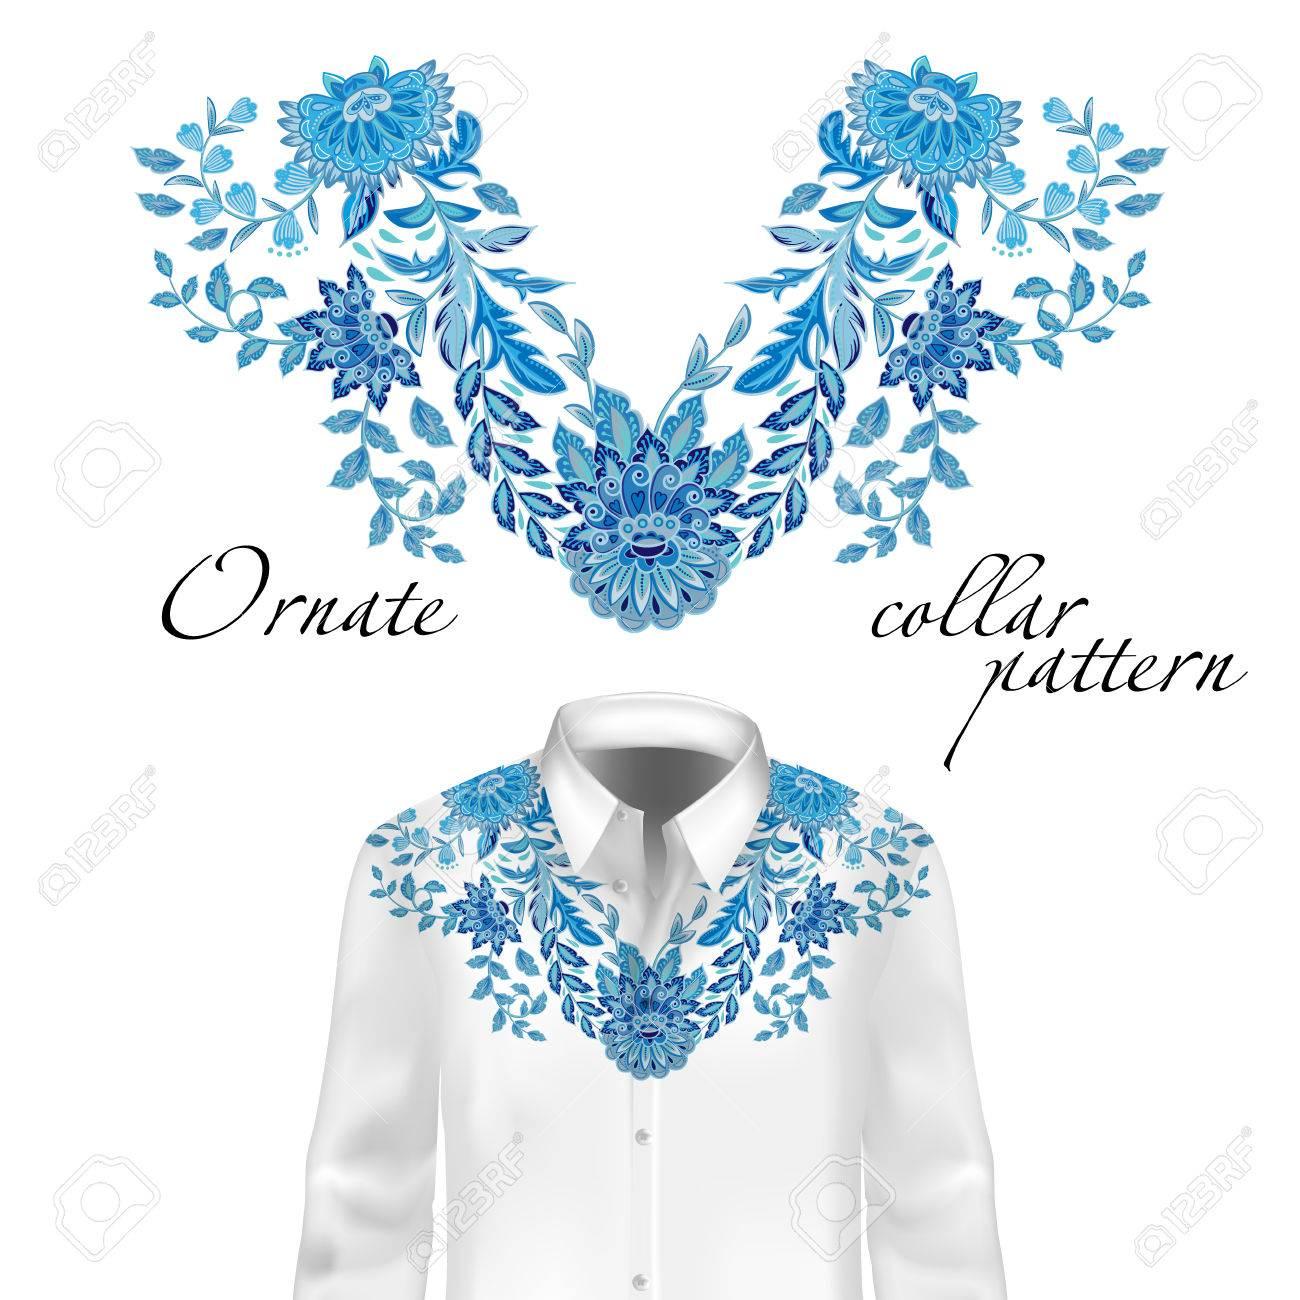 Patrón De Cuello De Flores étnicas Del Bordado - Moda De Gráficos De ...